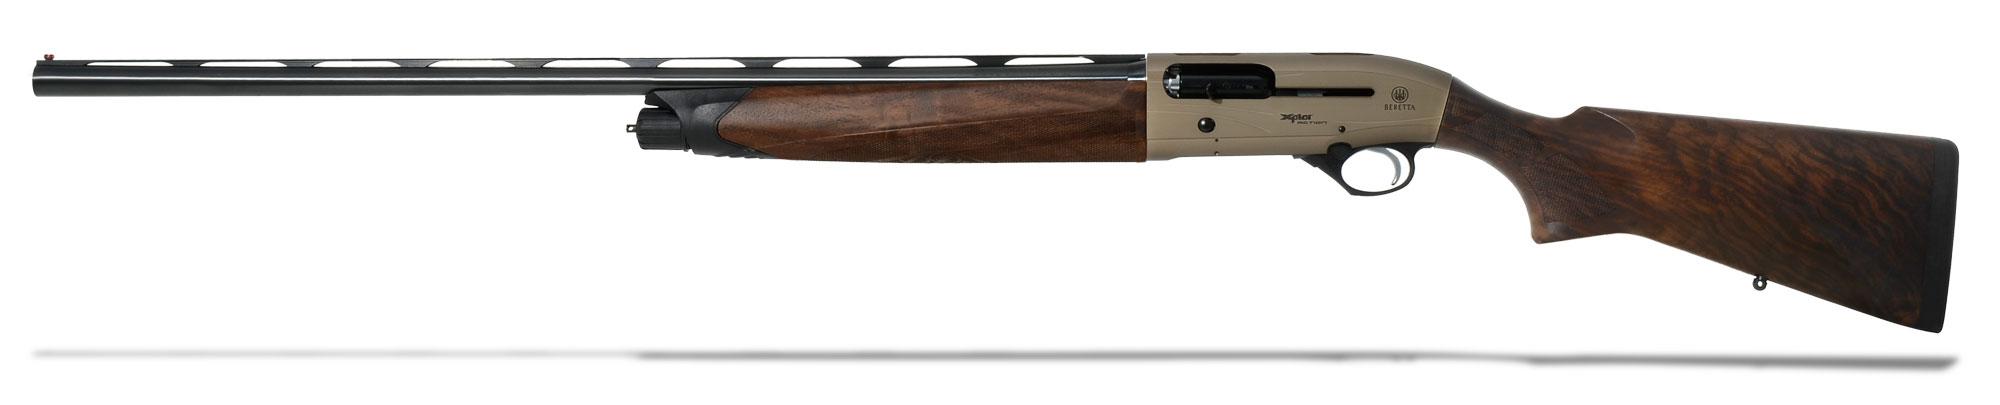 Beretta A400 Xplor Left Handed 12-ga 30